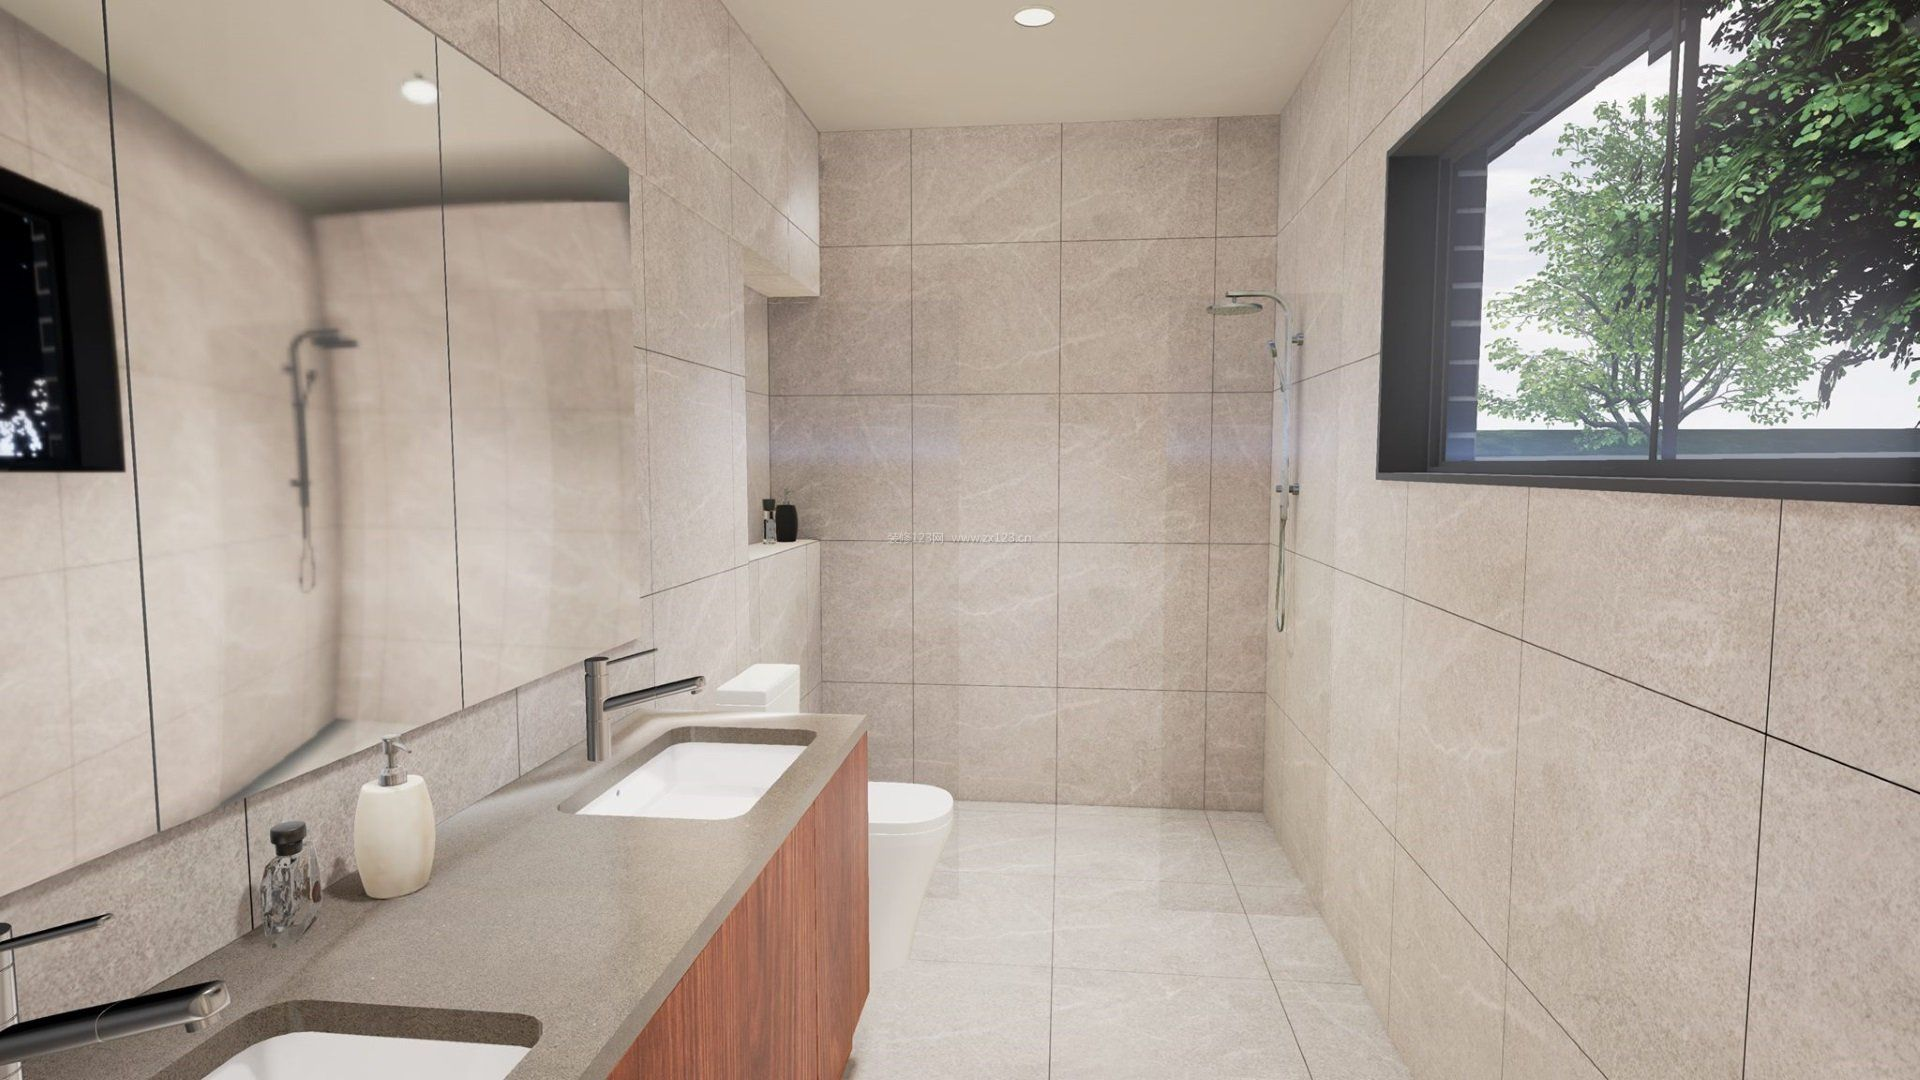 小卫生间室内米色瓷砖装修效果图_装修123效果图